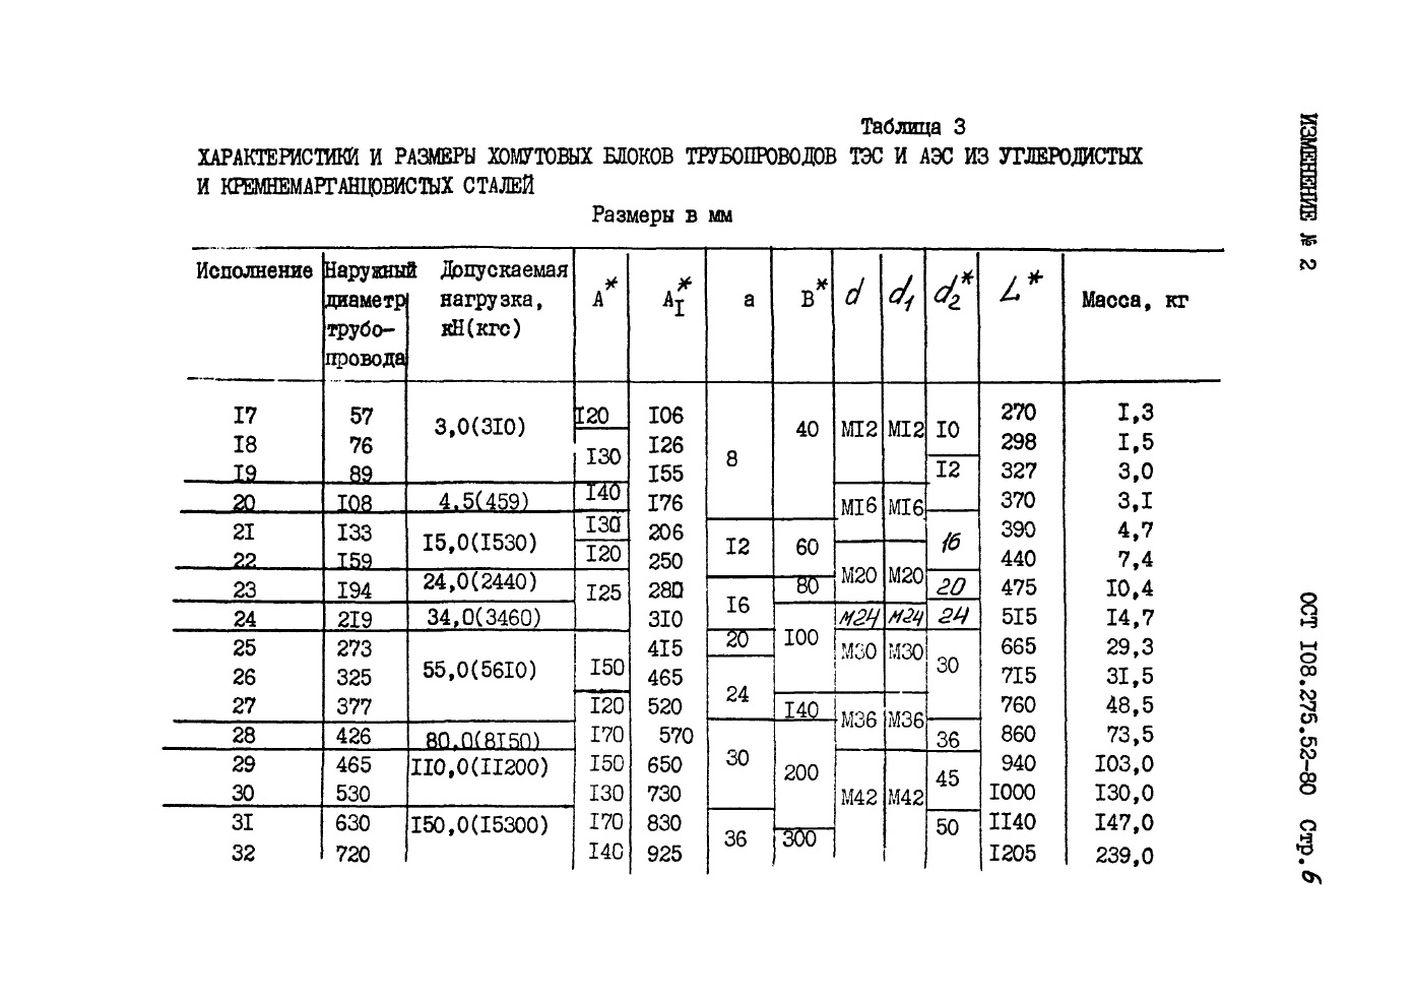 Блоки хомутовые для горизонтальных трубопроводов ОСТ 108.275.52-80 стр.12